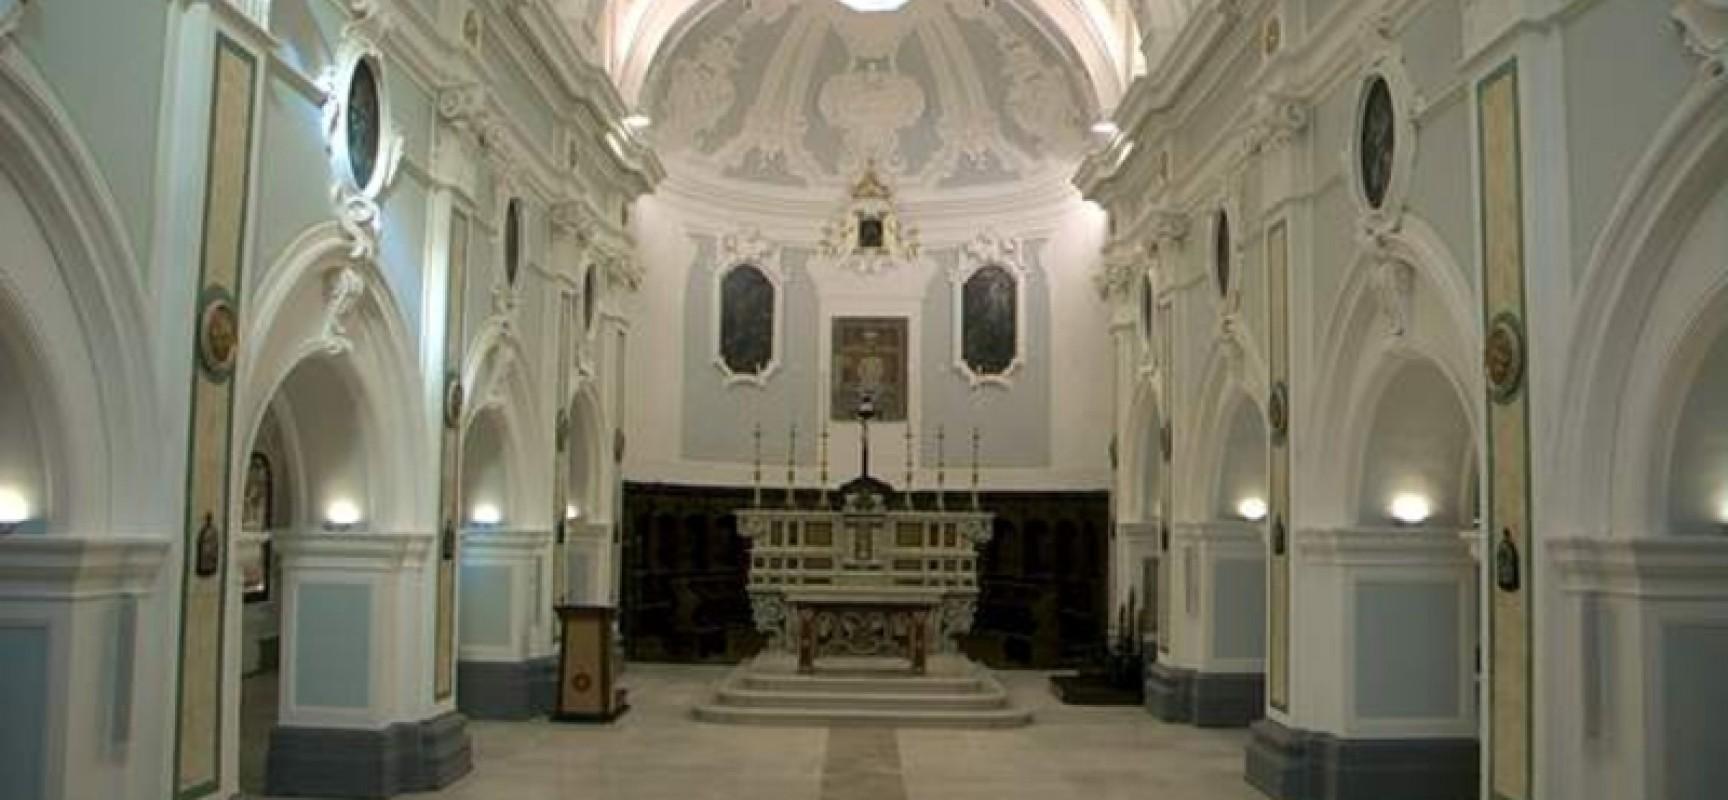 Musica e festività: Concerto di Natale a san Domenico